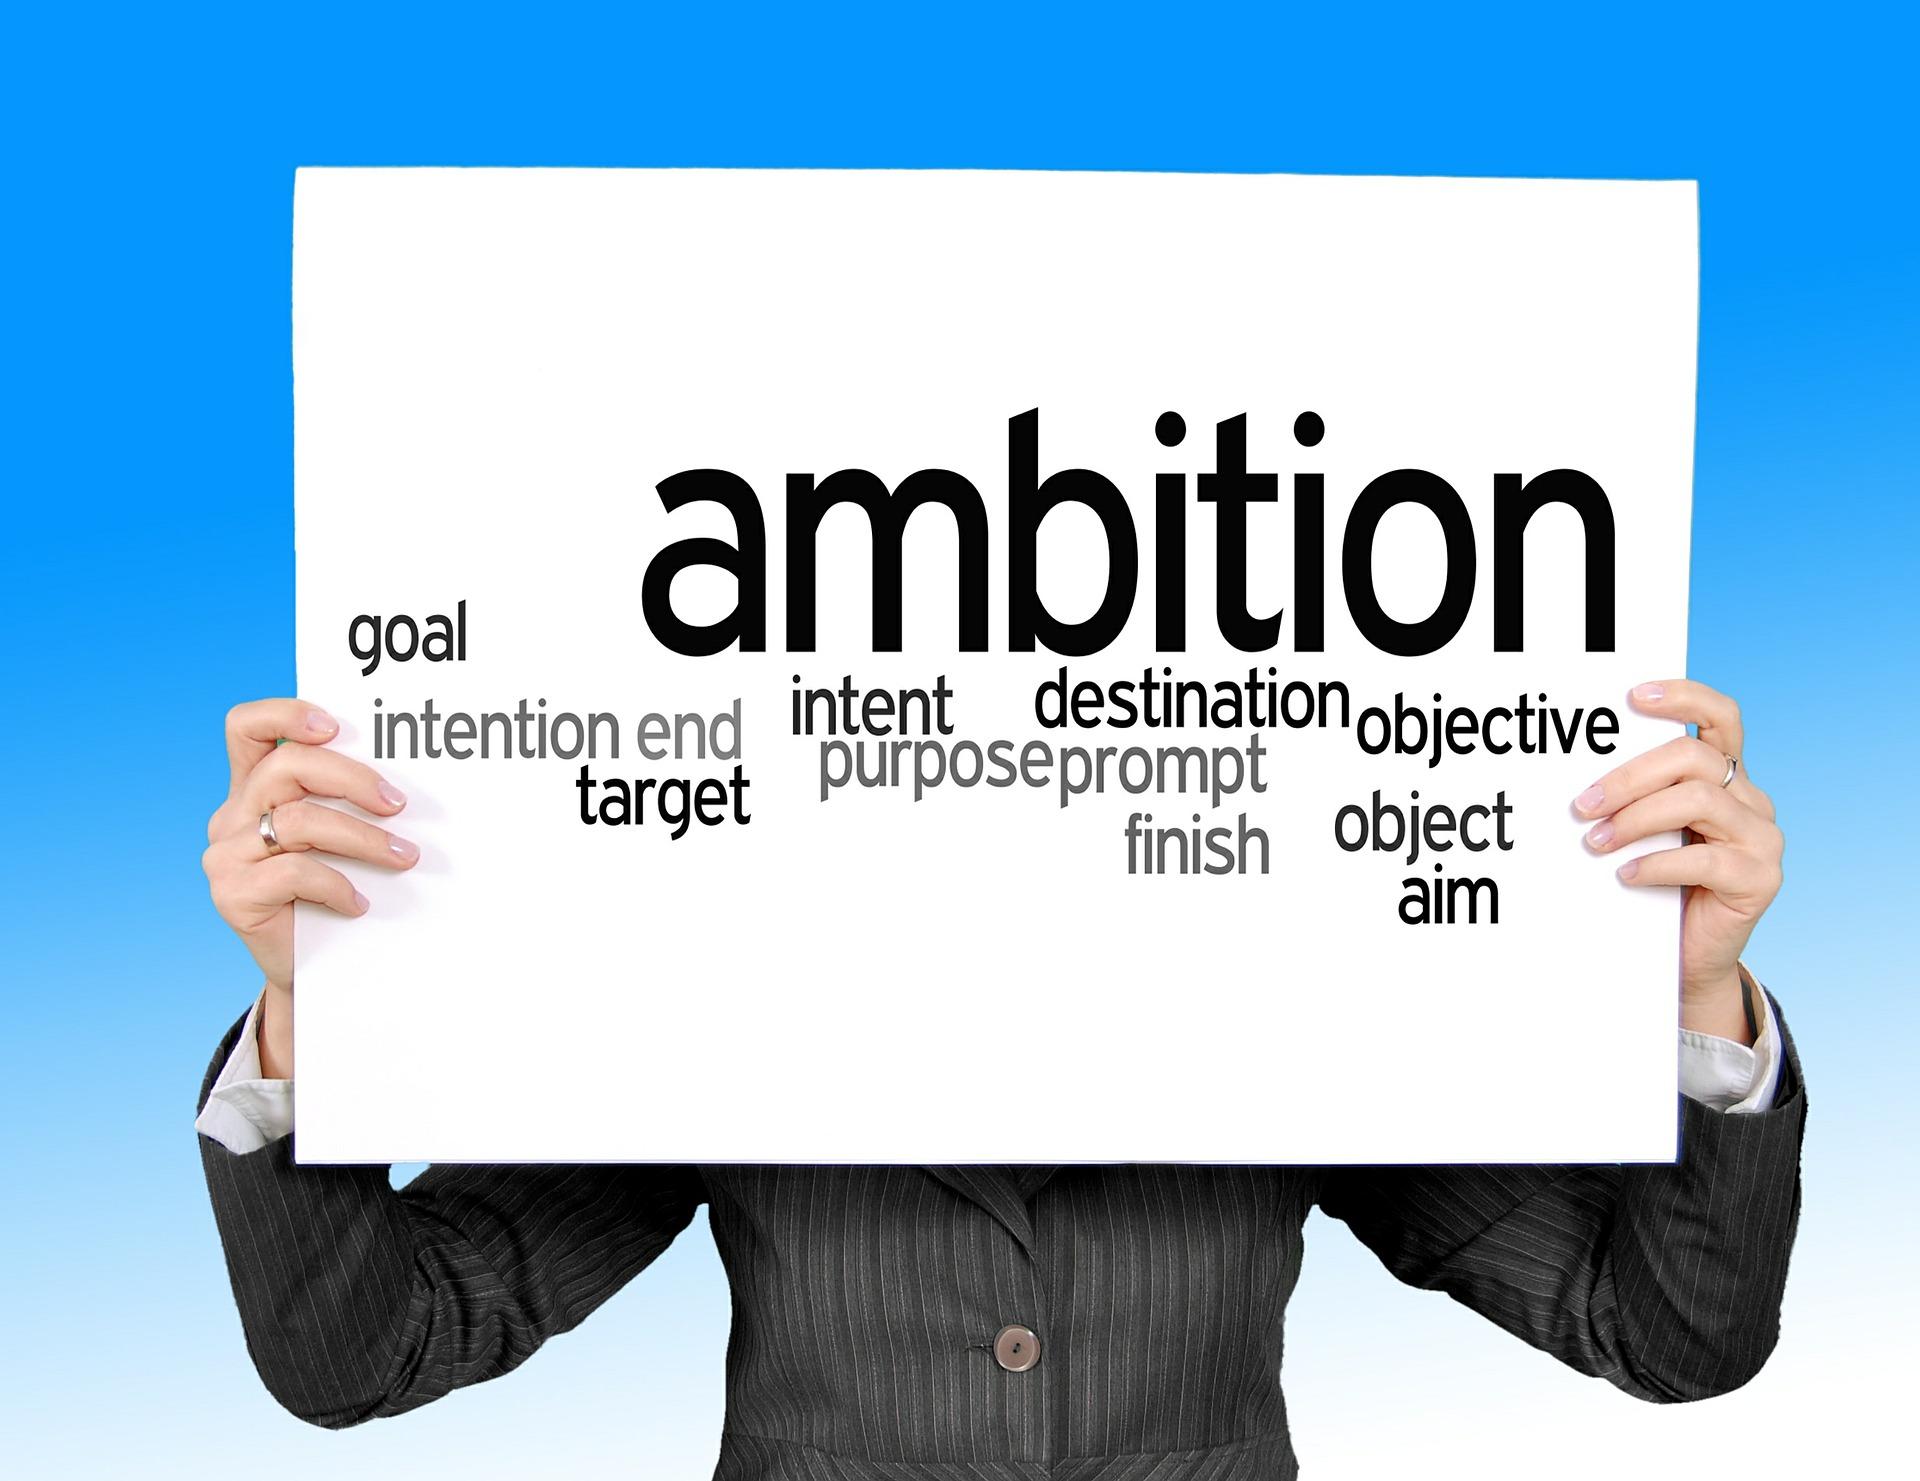 ambition-428983_1920